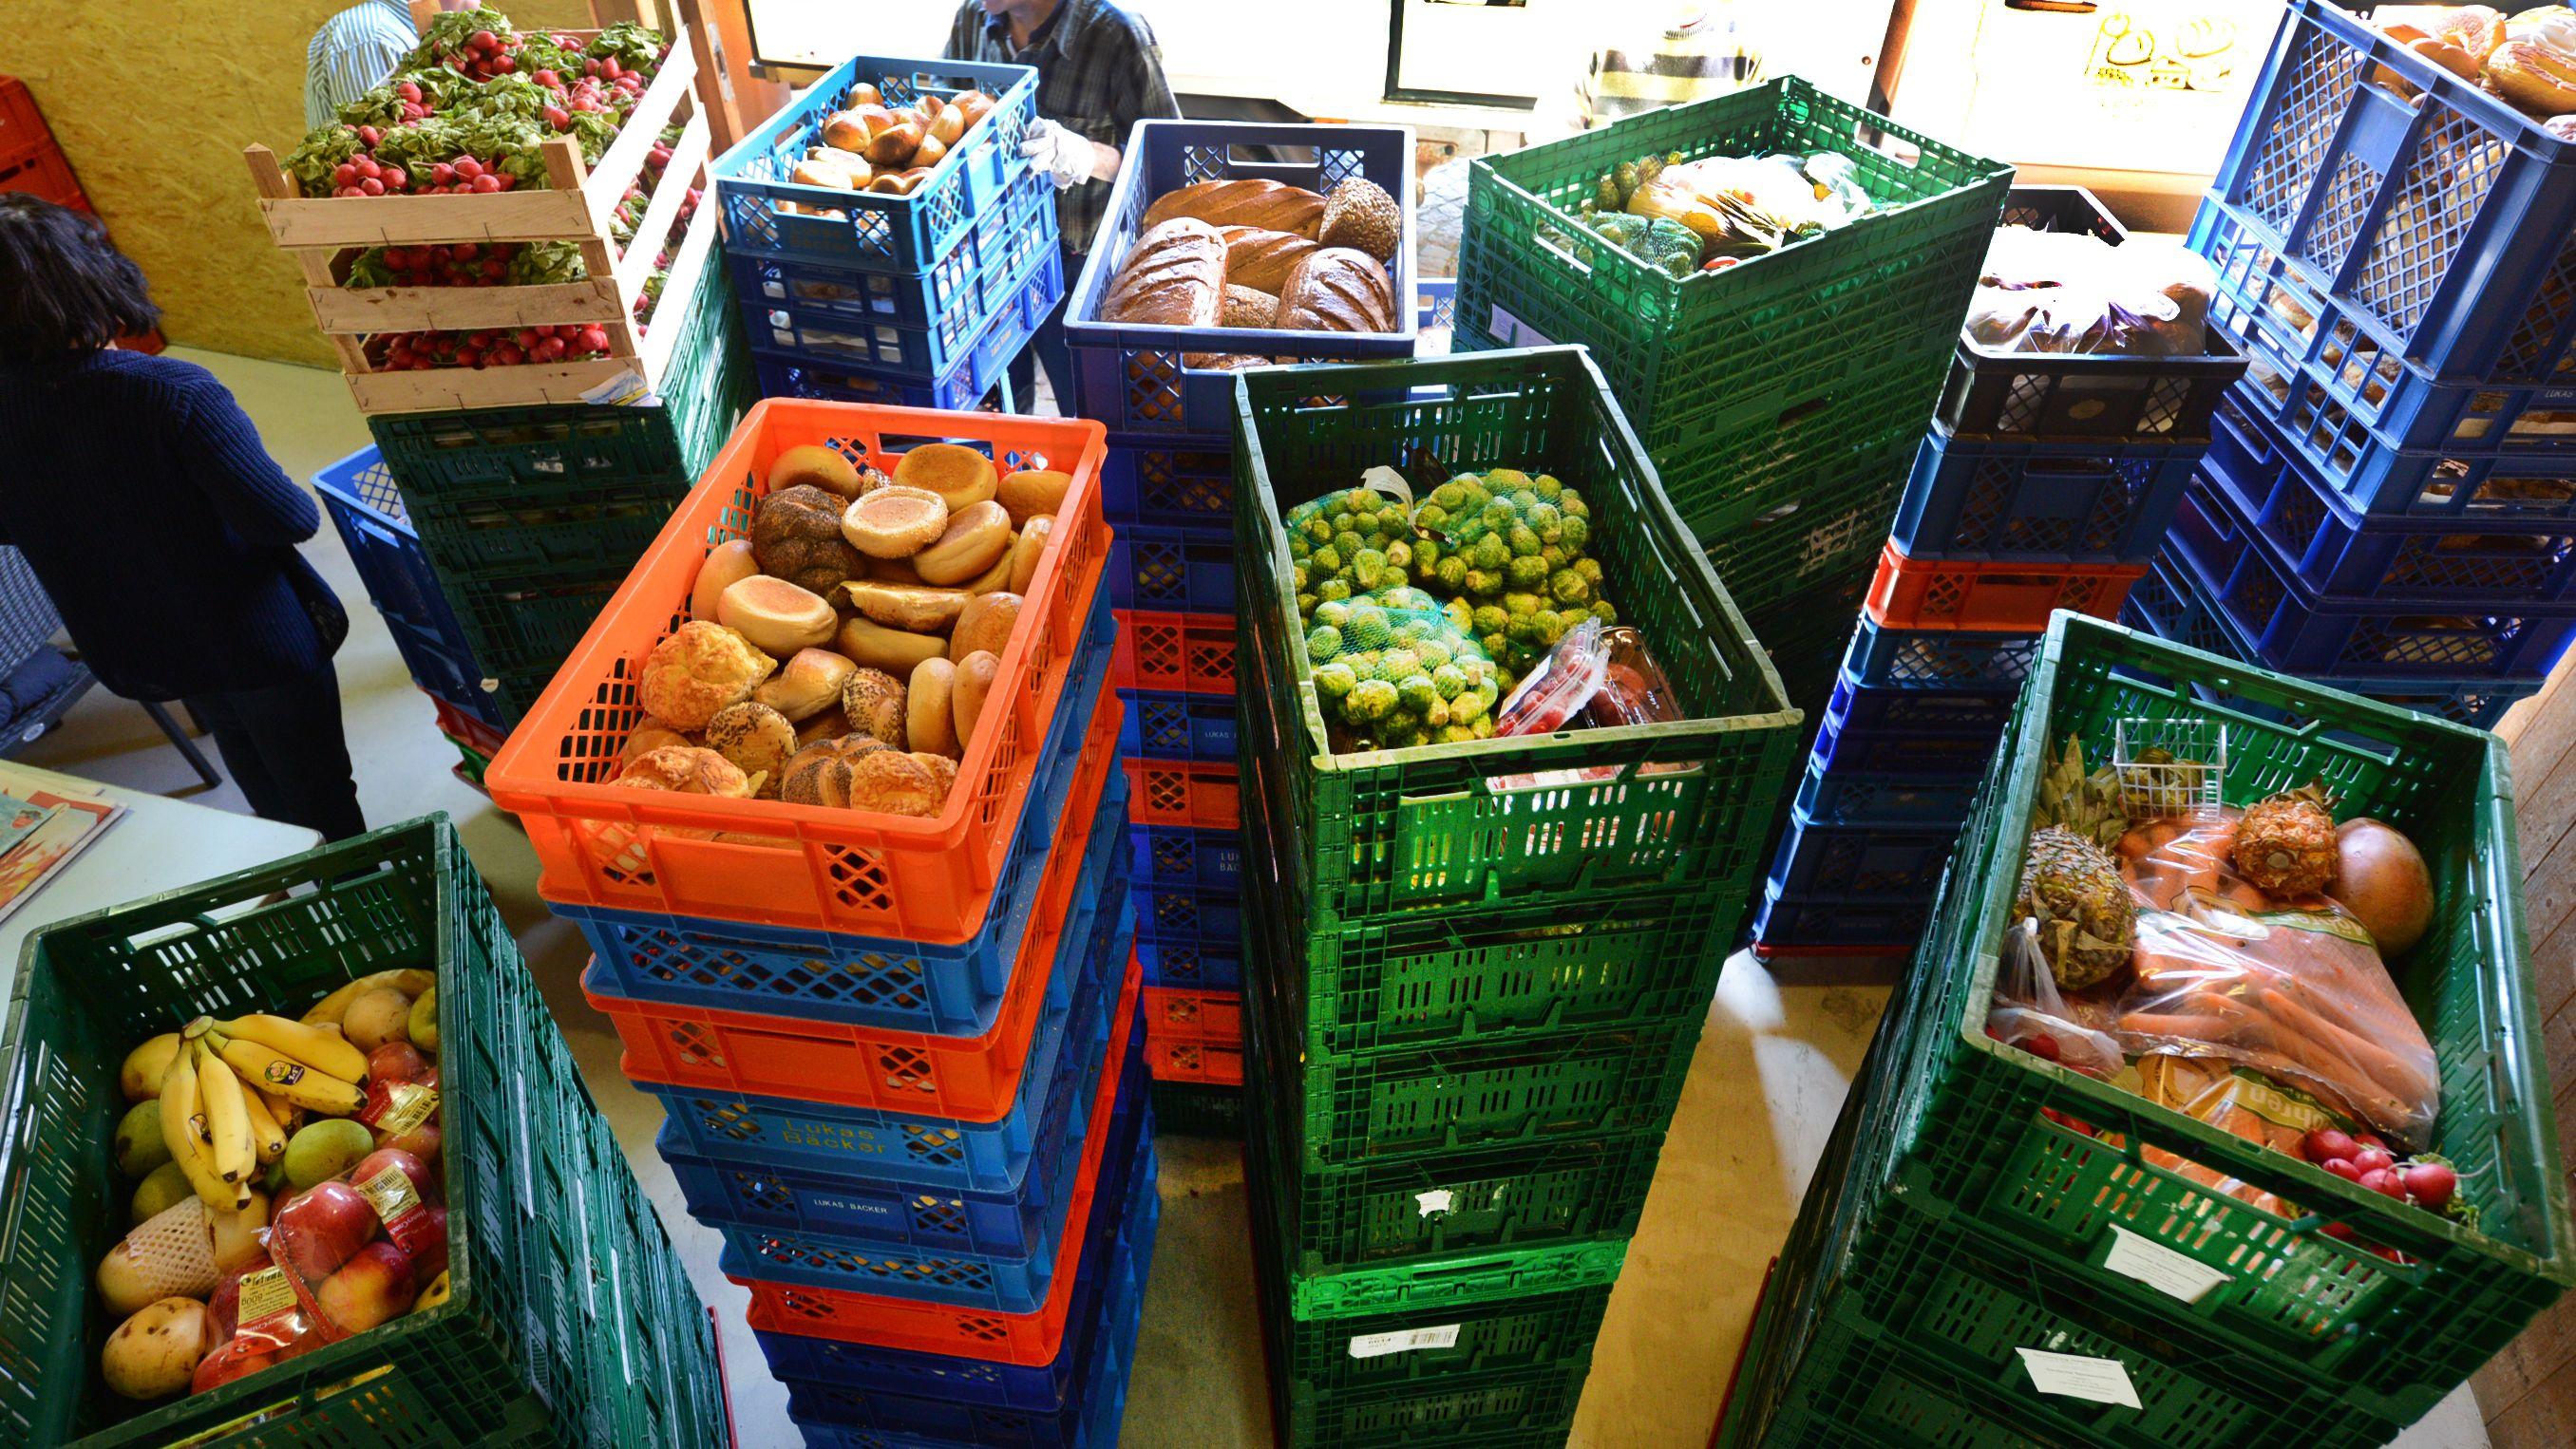 Große Herausforderung: Lebensmittelversorgung für Bedürftige